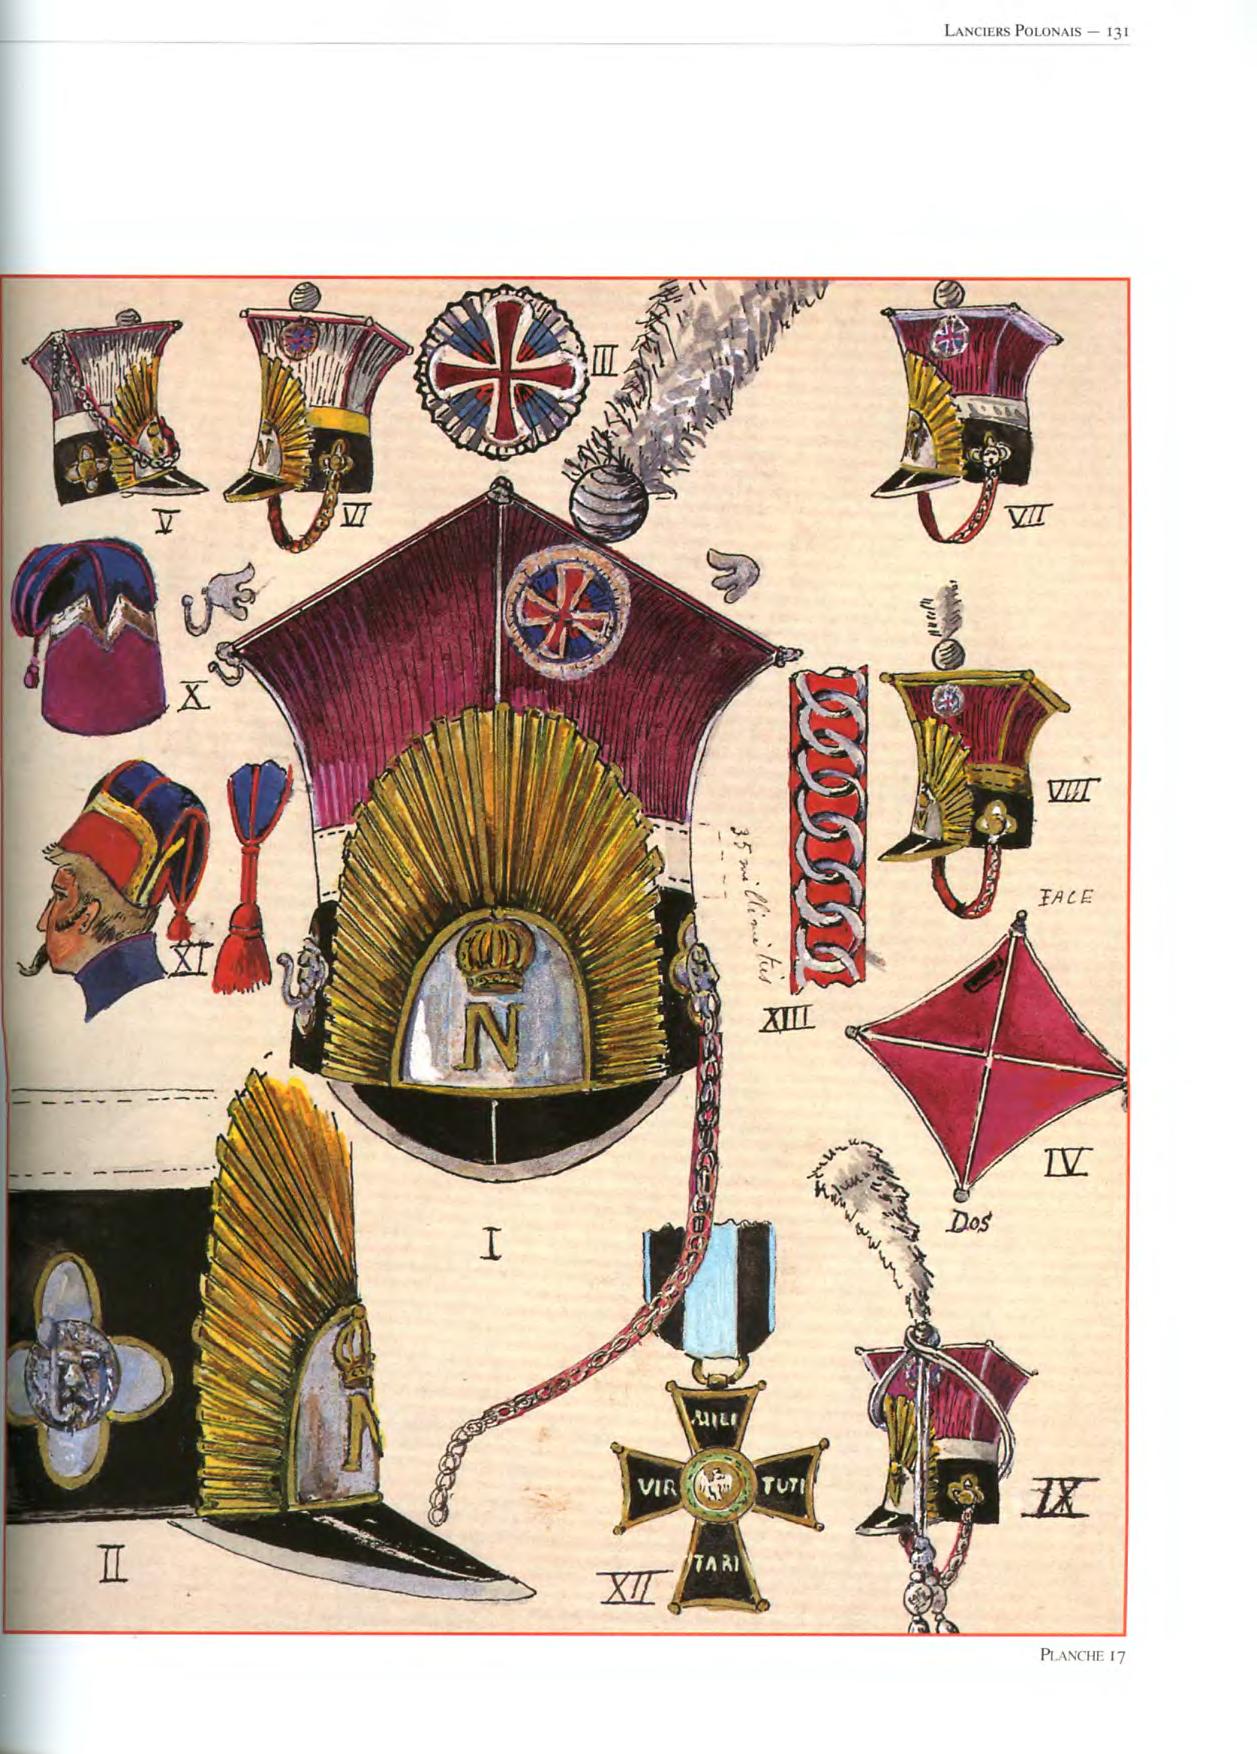 Copricapo e decorazioni dei lancieri polacchi della guardia imperiale francese